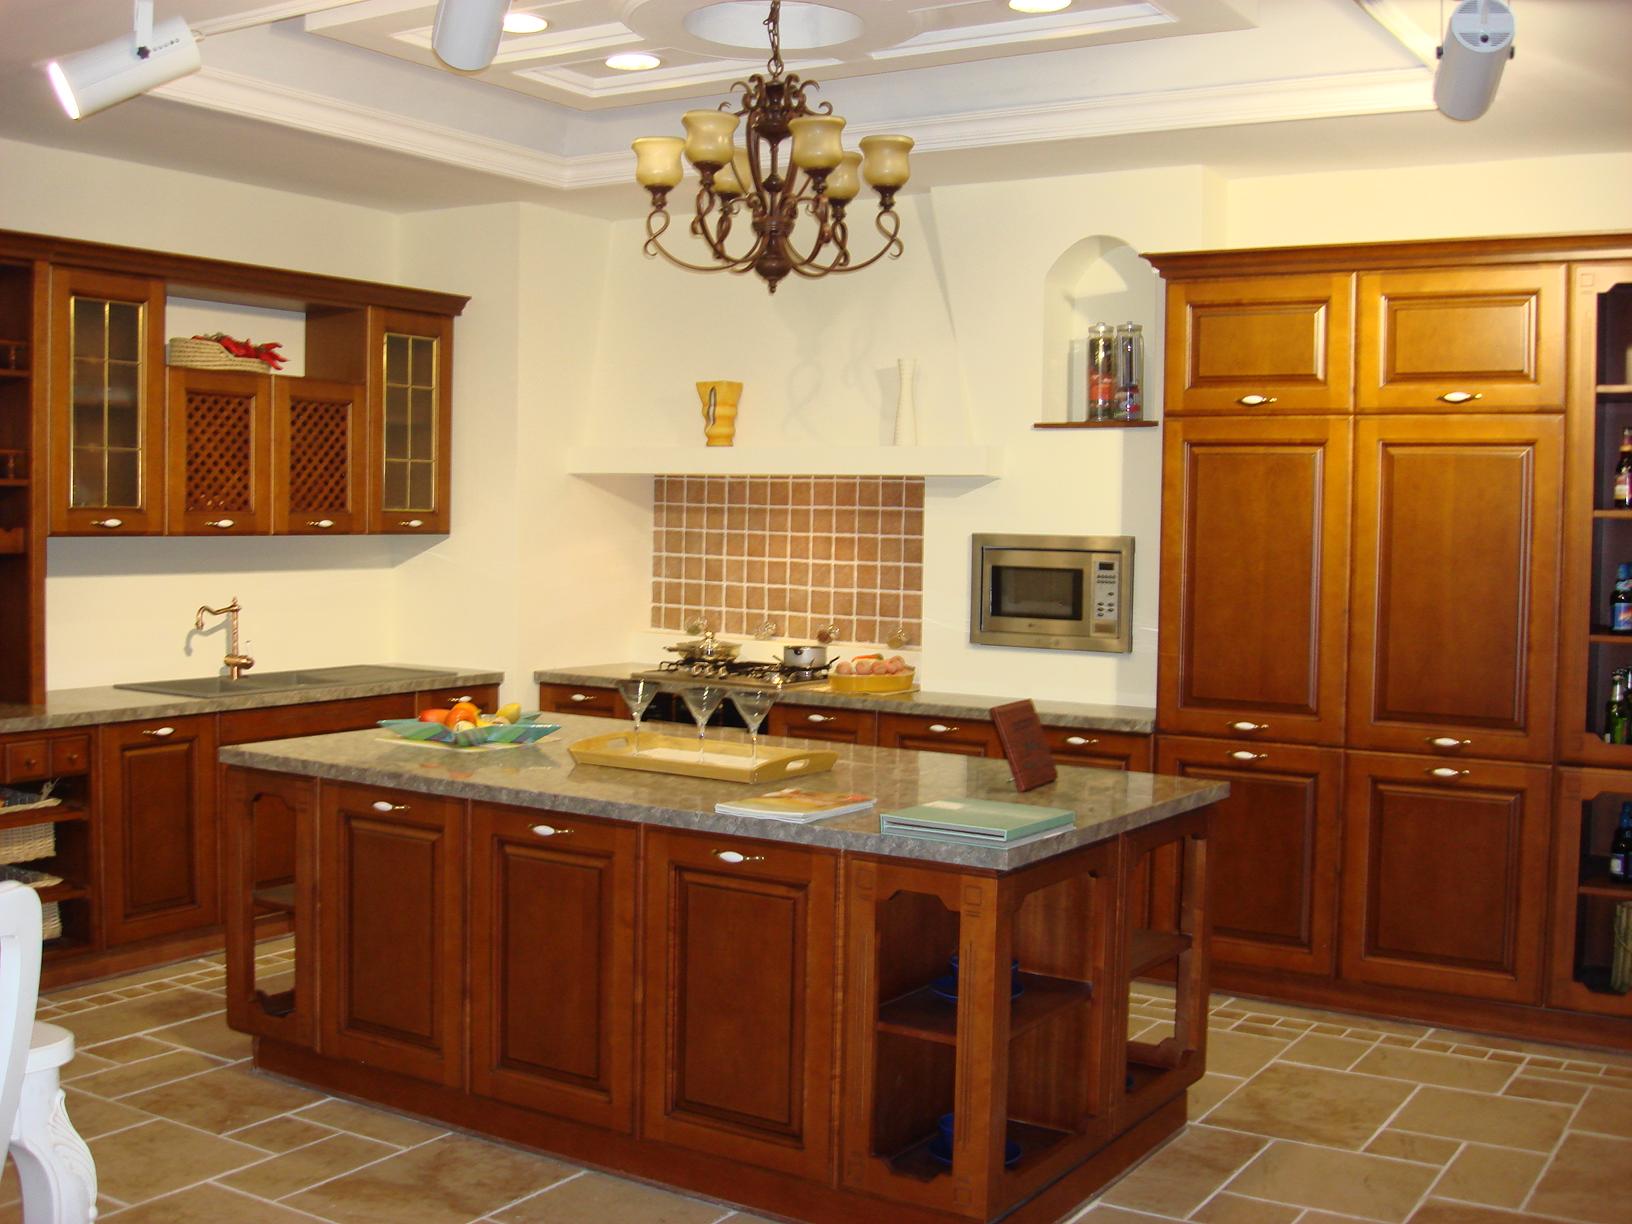 橱柜 厨房 家居 设计 装修 1632_1224图片